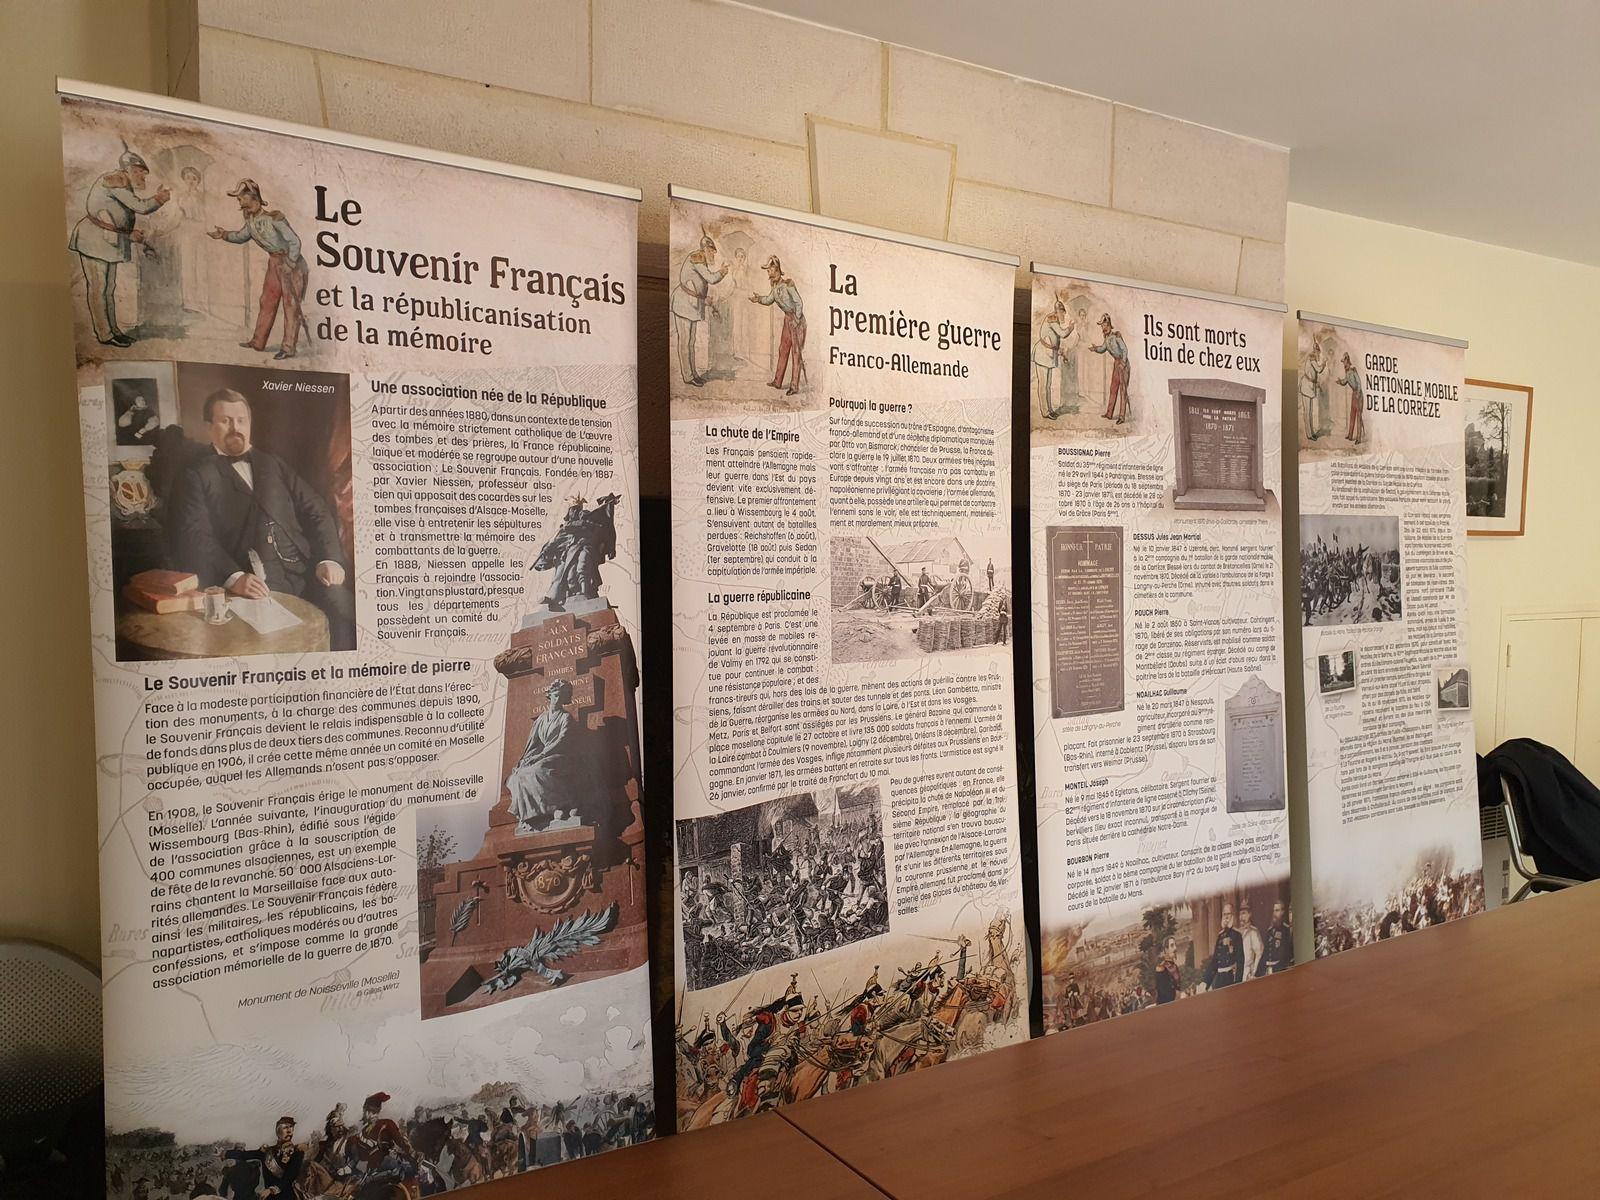 Souvenir Français, Fédération française de généalogie, généalogie, devoir de mémoire, guerre de 1870, morts pour la patrie, commémorations, Corrèze, exposition